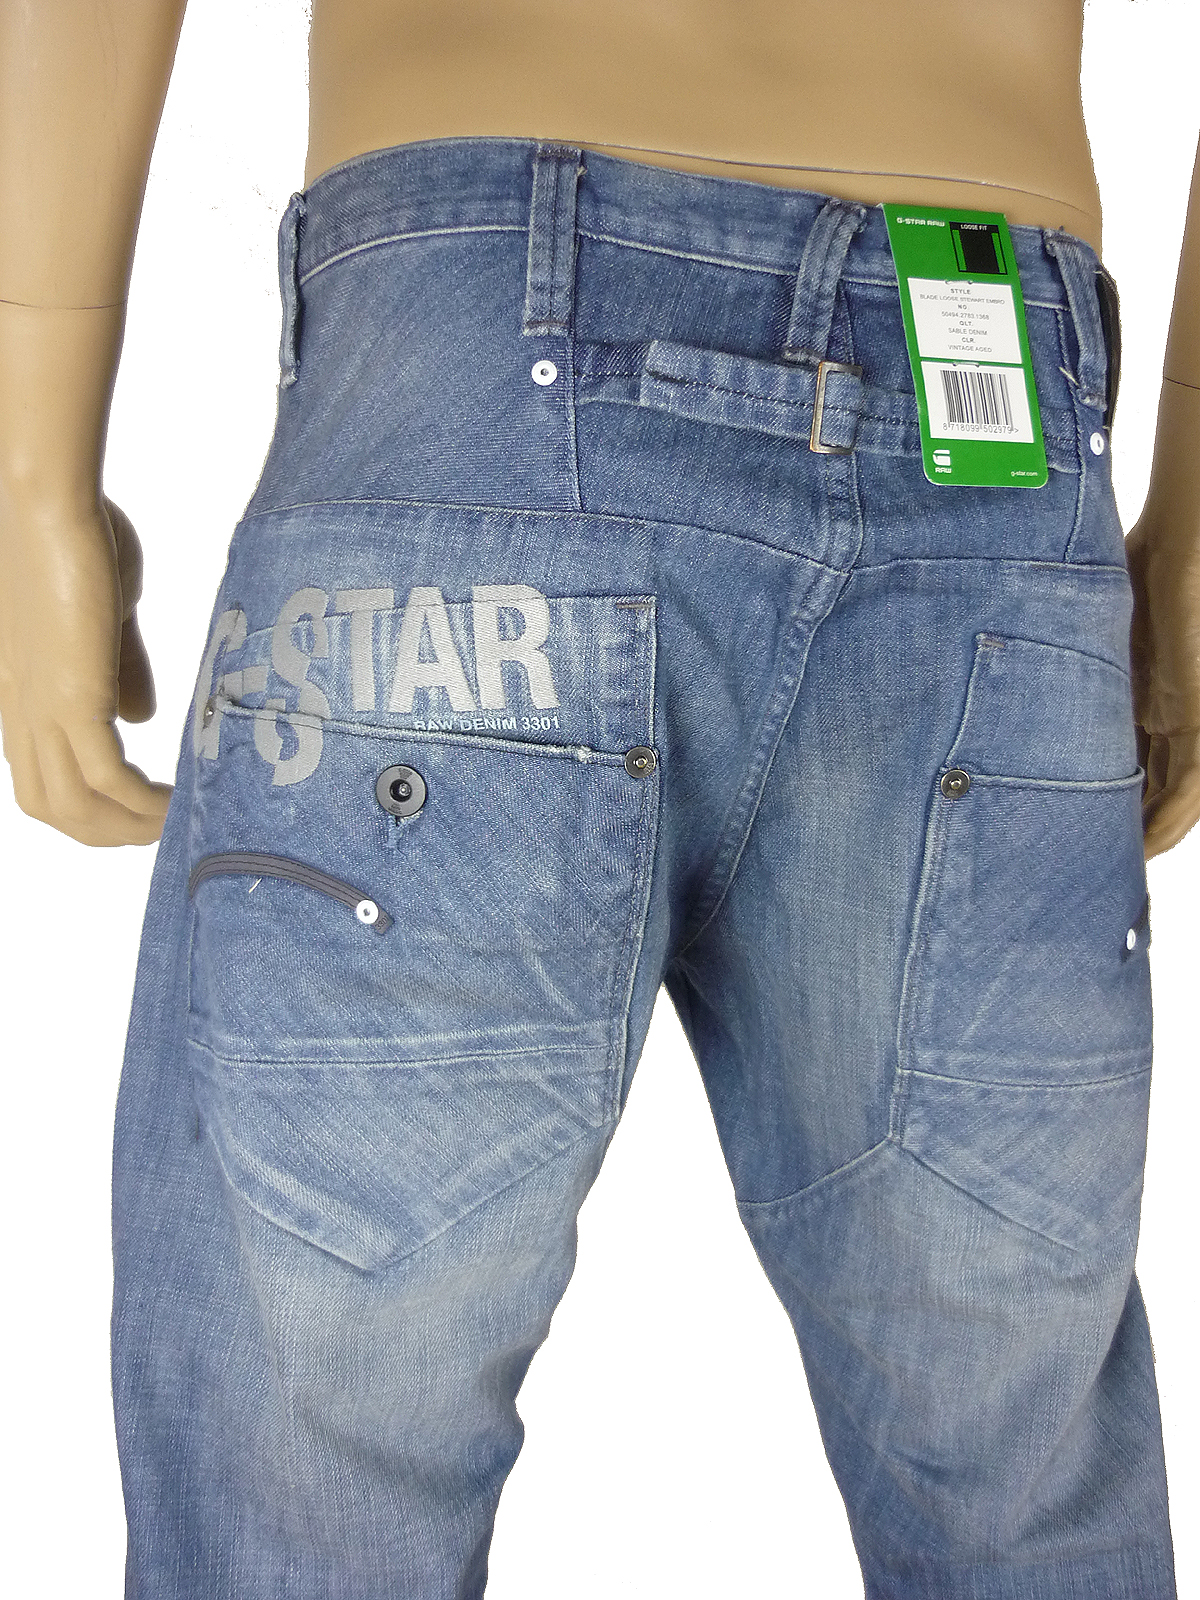 G star hose 3301